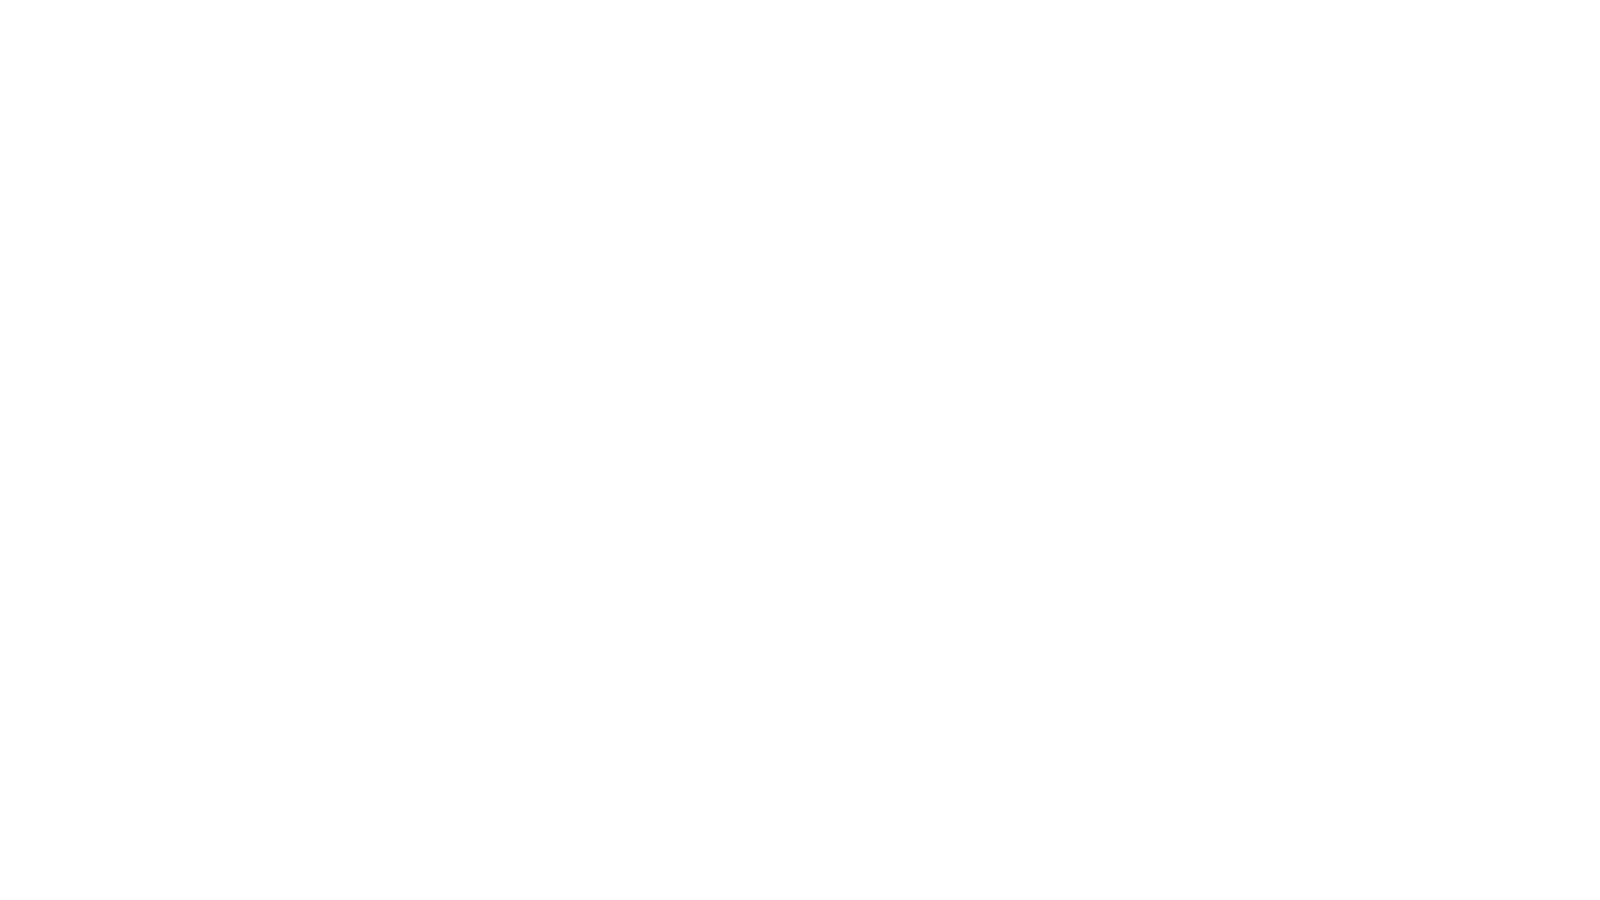 aespa baru saja comeback dengan merilis mini album pertama mereka, Savage. Pada hari Selasa tanggal 5 Oktober 2021 kemarin. Dengan title track bertajuk Savage dan bergenre trap, aespa berhasil manjakan para MY, penggemarnya. MV nya juga sudah ditonton lebih dari 53 juta kali dan saat ini trending nomor satu di YouTube Indonesia.  Follow sosial media kita juga ya sobat muda Instagram : @simfonifmmalang  Twitter : @Simfonifmmalang  Facebook : SimfoniFm malang Tiktok : @simfonifm  Spotify : STALK Streaming : dengerin.simfonifm.com  Website : www.simfonifm.com  __________ #simfonifmmalang #radiokampus #thepowerhitsstation #radiohits #uinmalikimalang #simfoninews #news #update #aespa #aespasavage #newrelease #my #mys #myindonesia